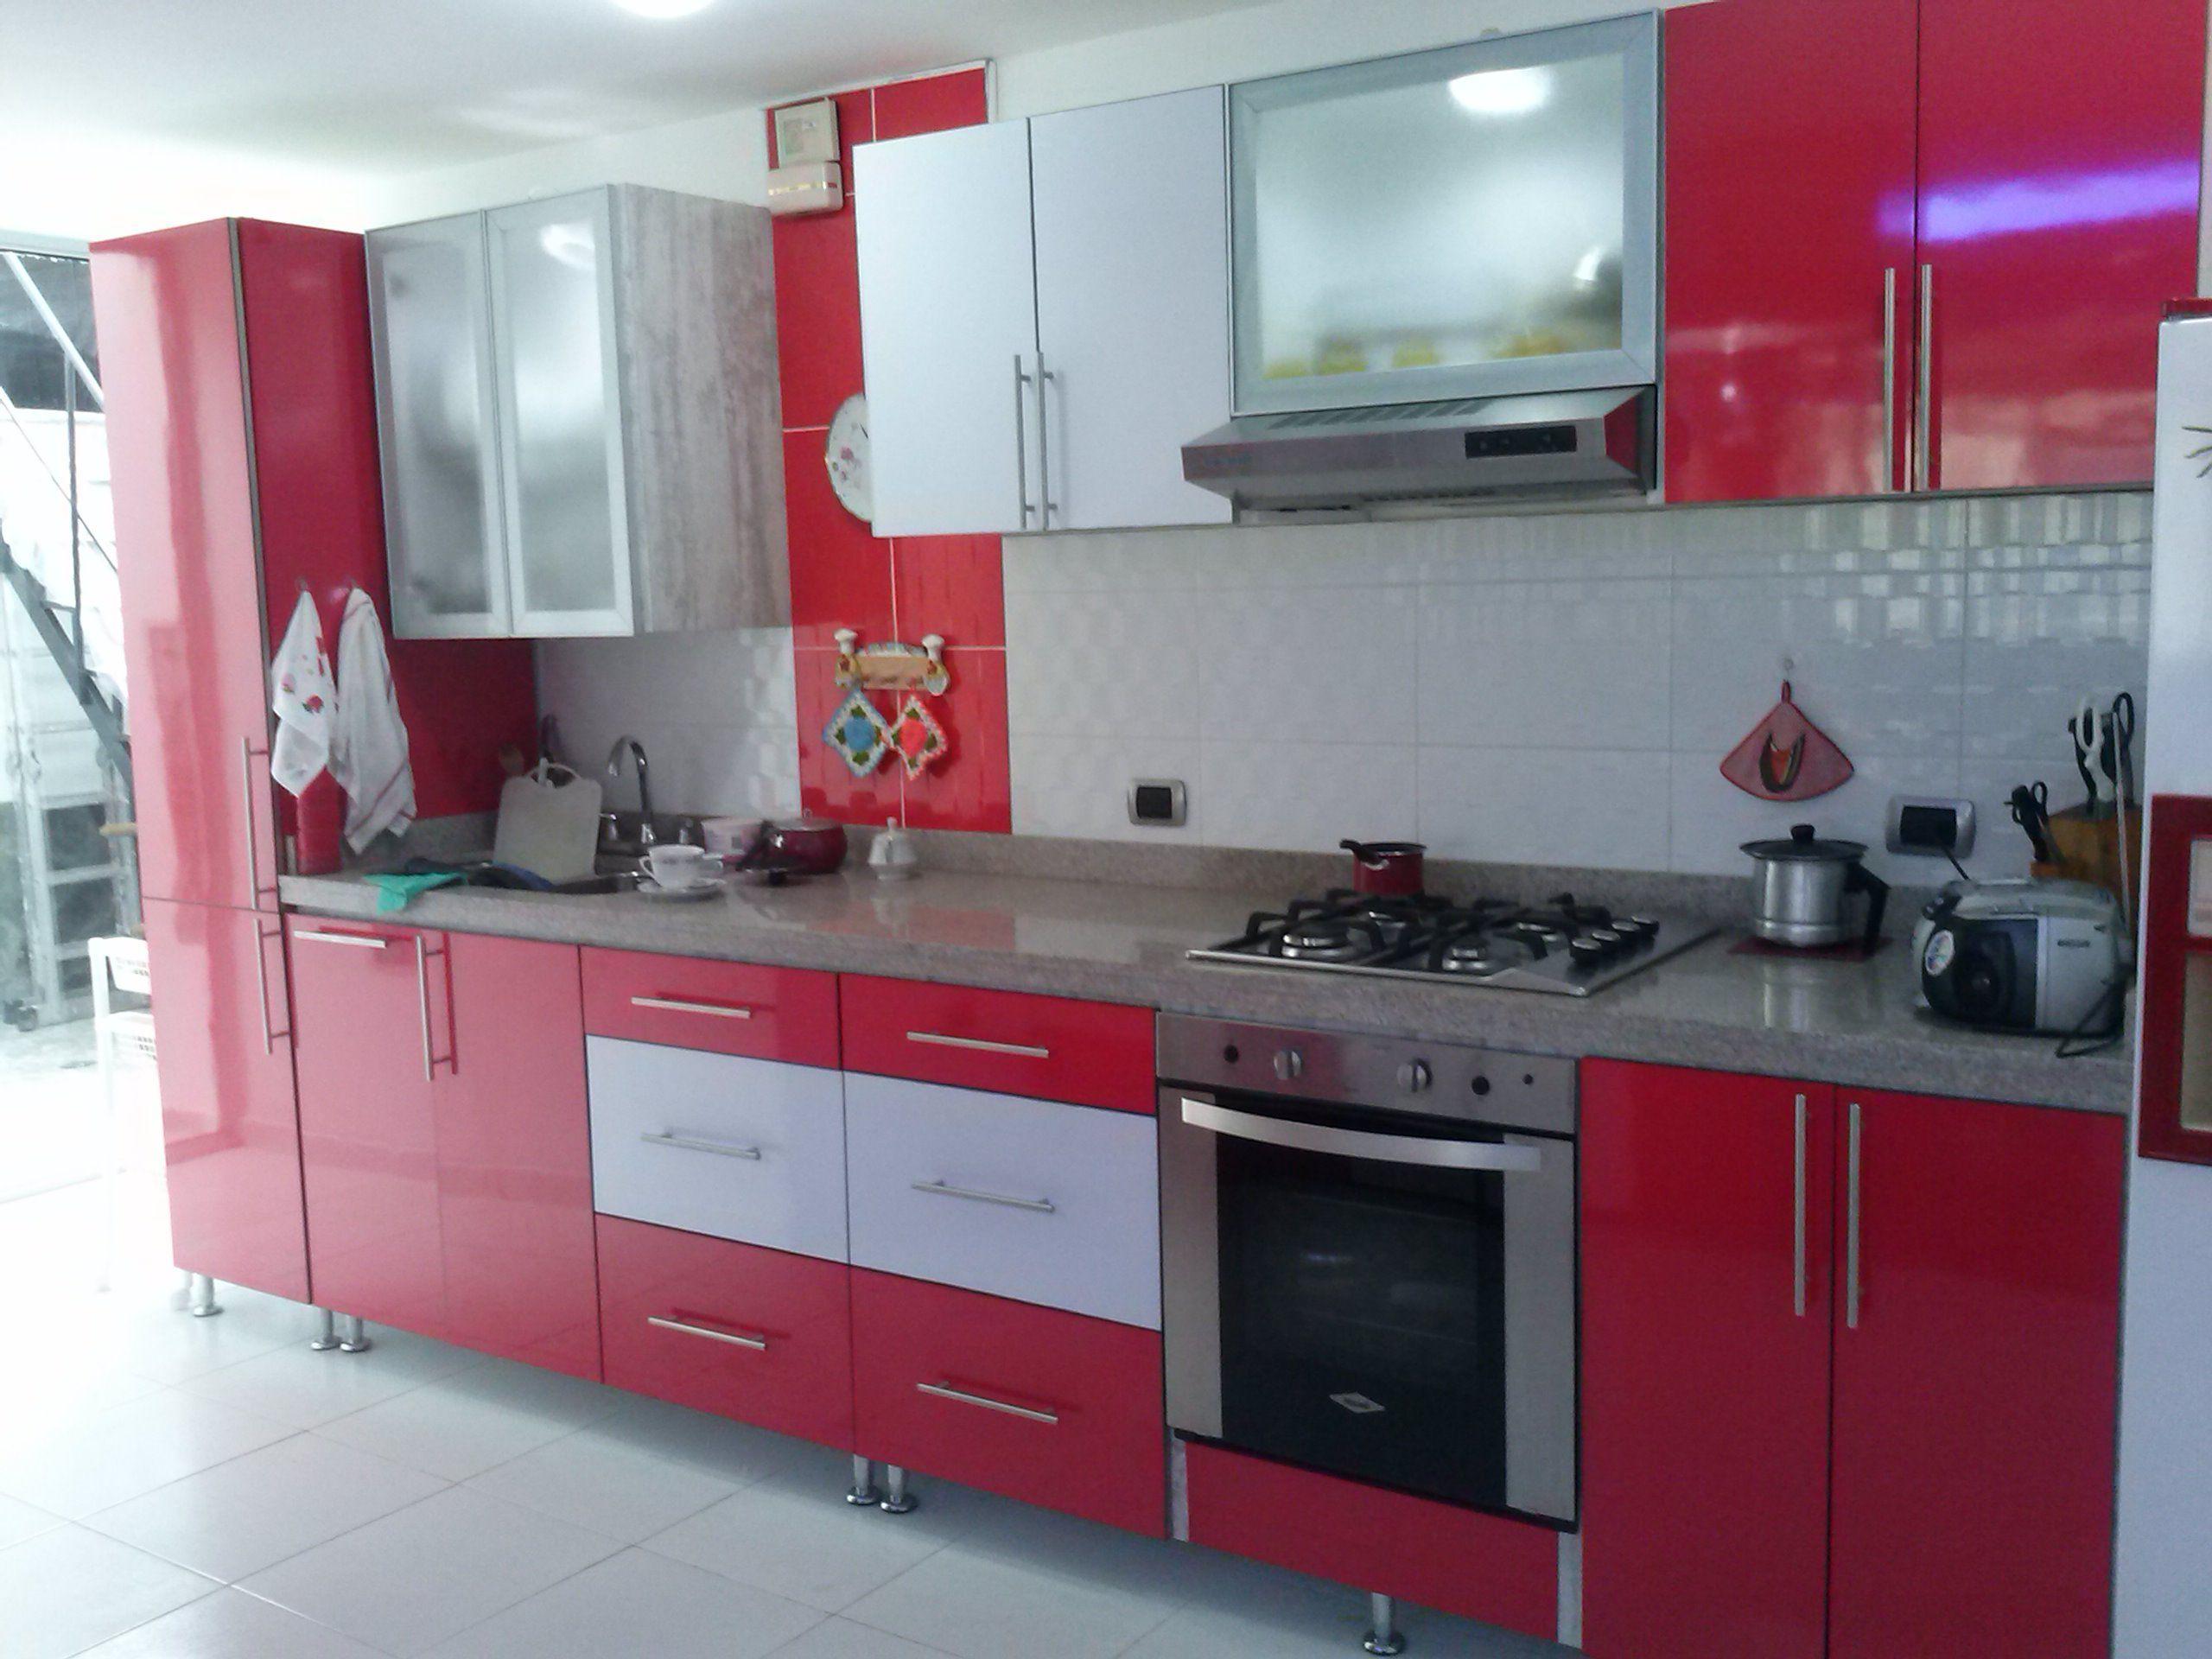 Cocina integral roja, con puertas en aluminio y vidrio, con luz led ...